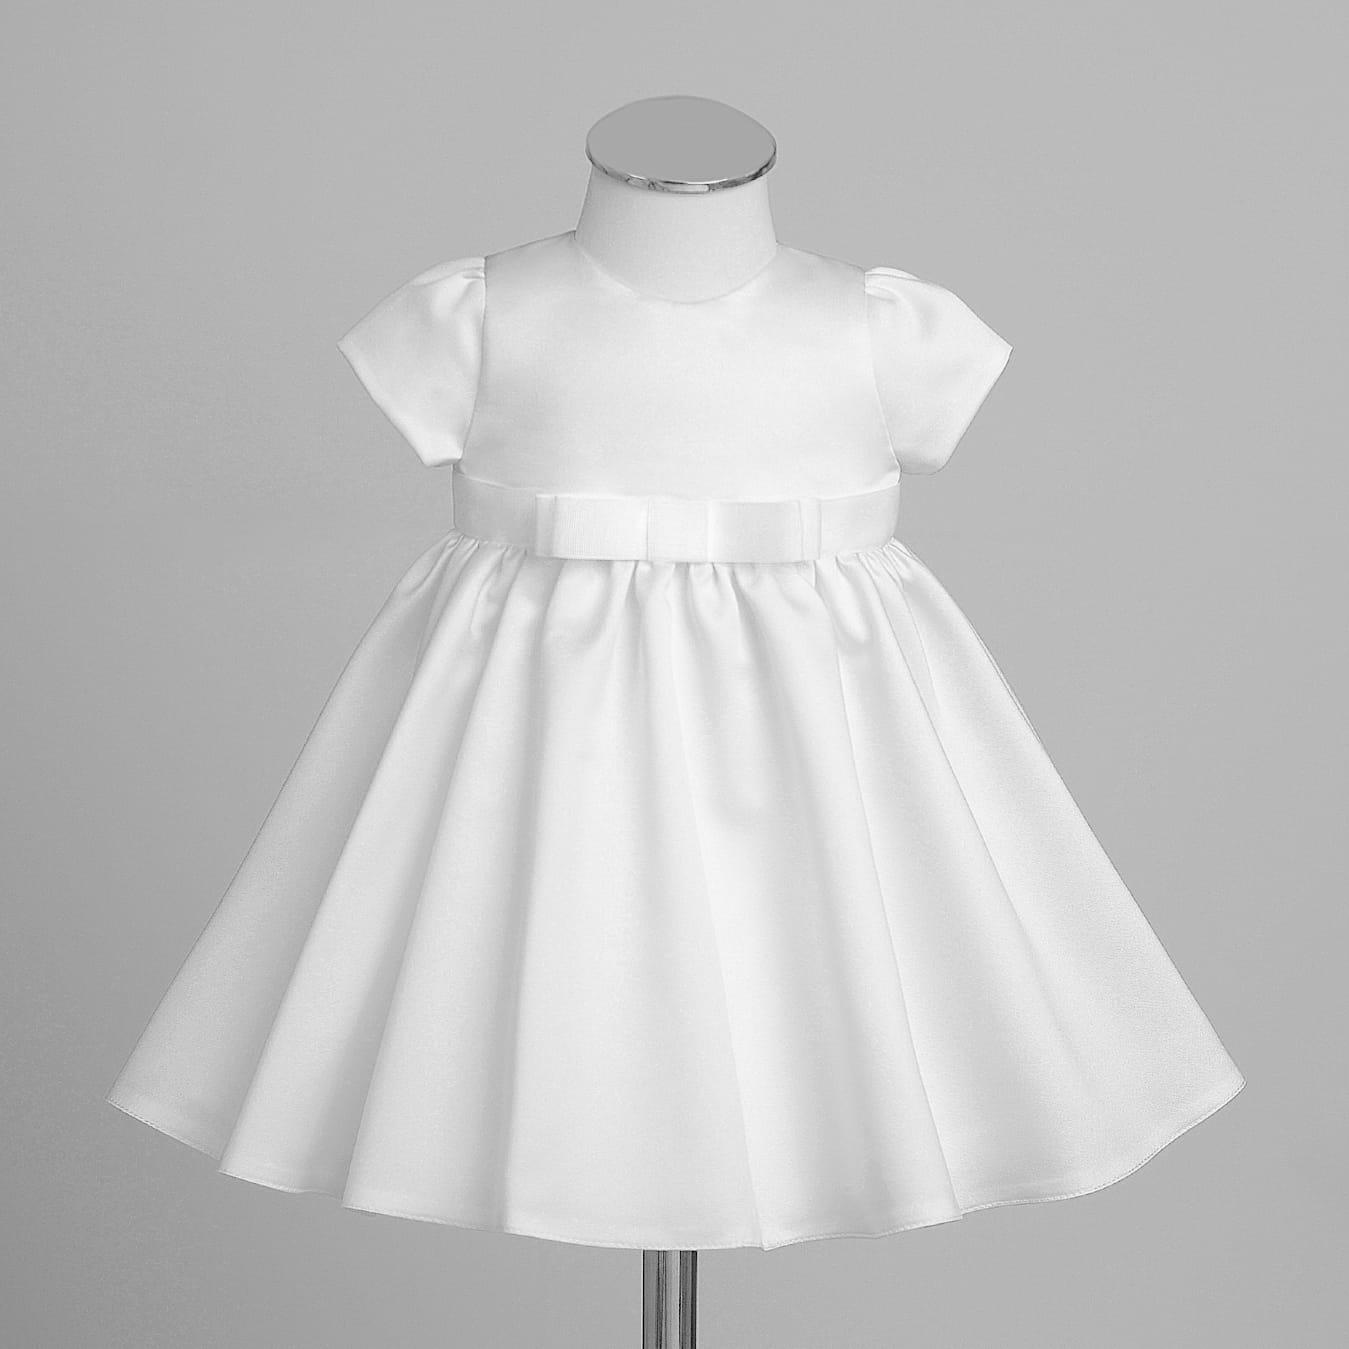 763108280e MELISSA sukienka wizytowa do chrztu dla dziewczynki Świat sukienek ...